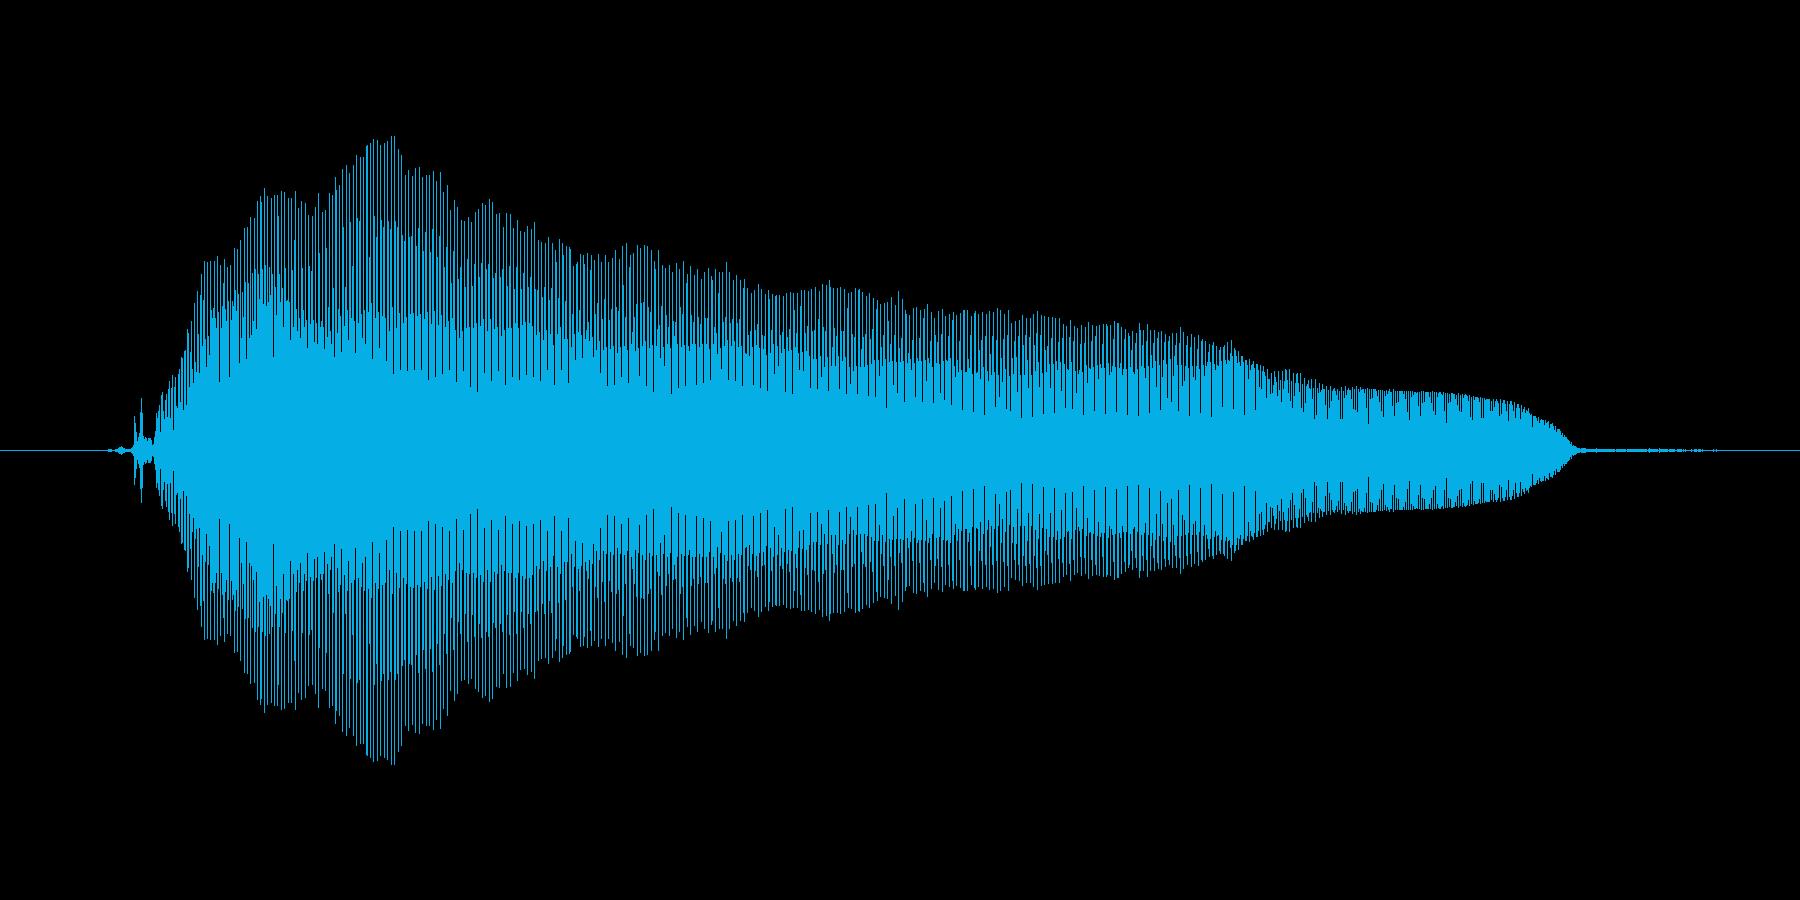 【ボイスSE】がーんΣ( ̄ロ ̄lll)の再生済みの波形